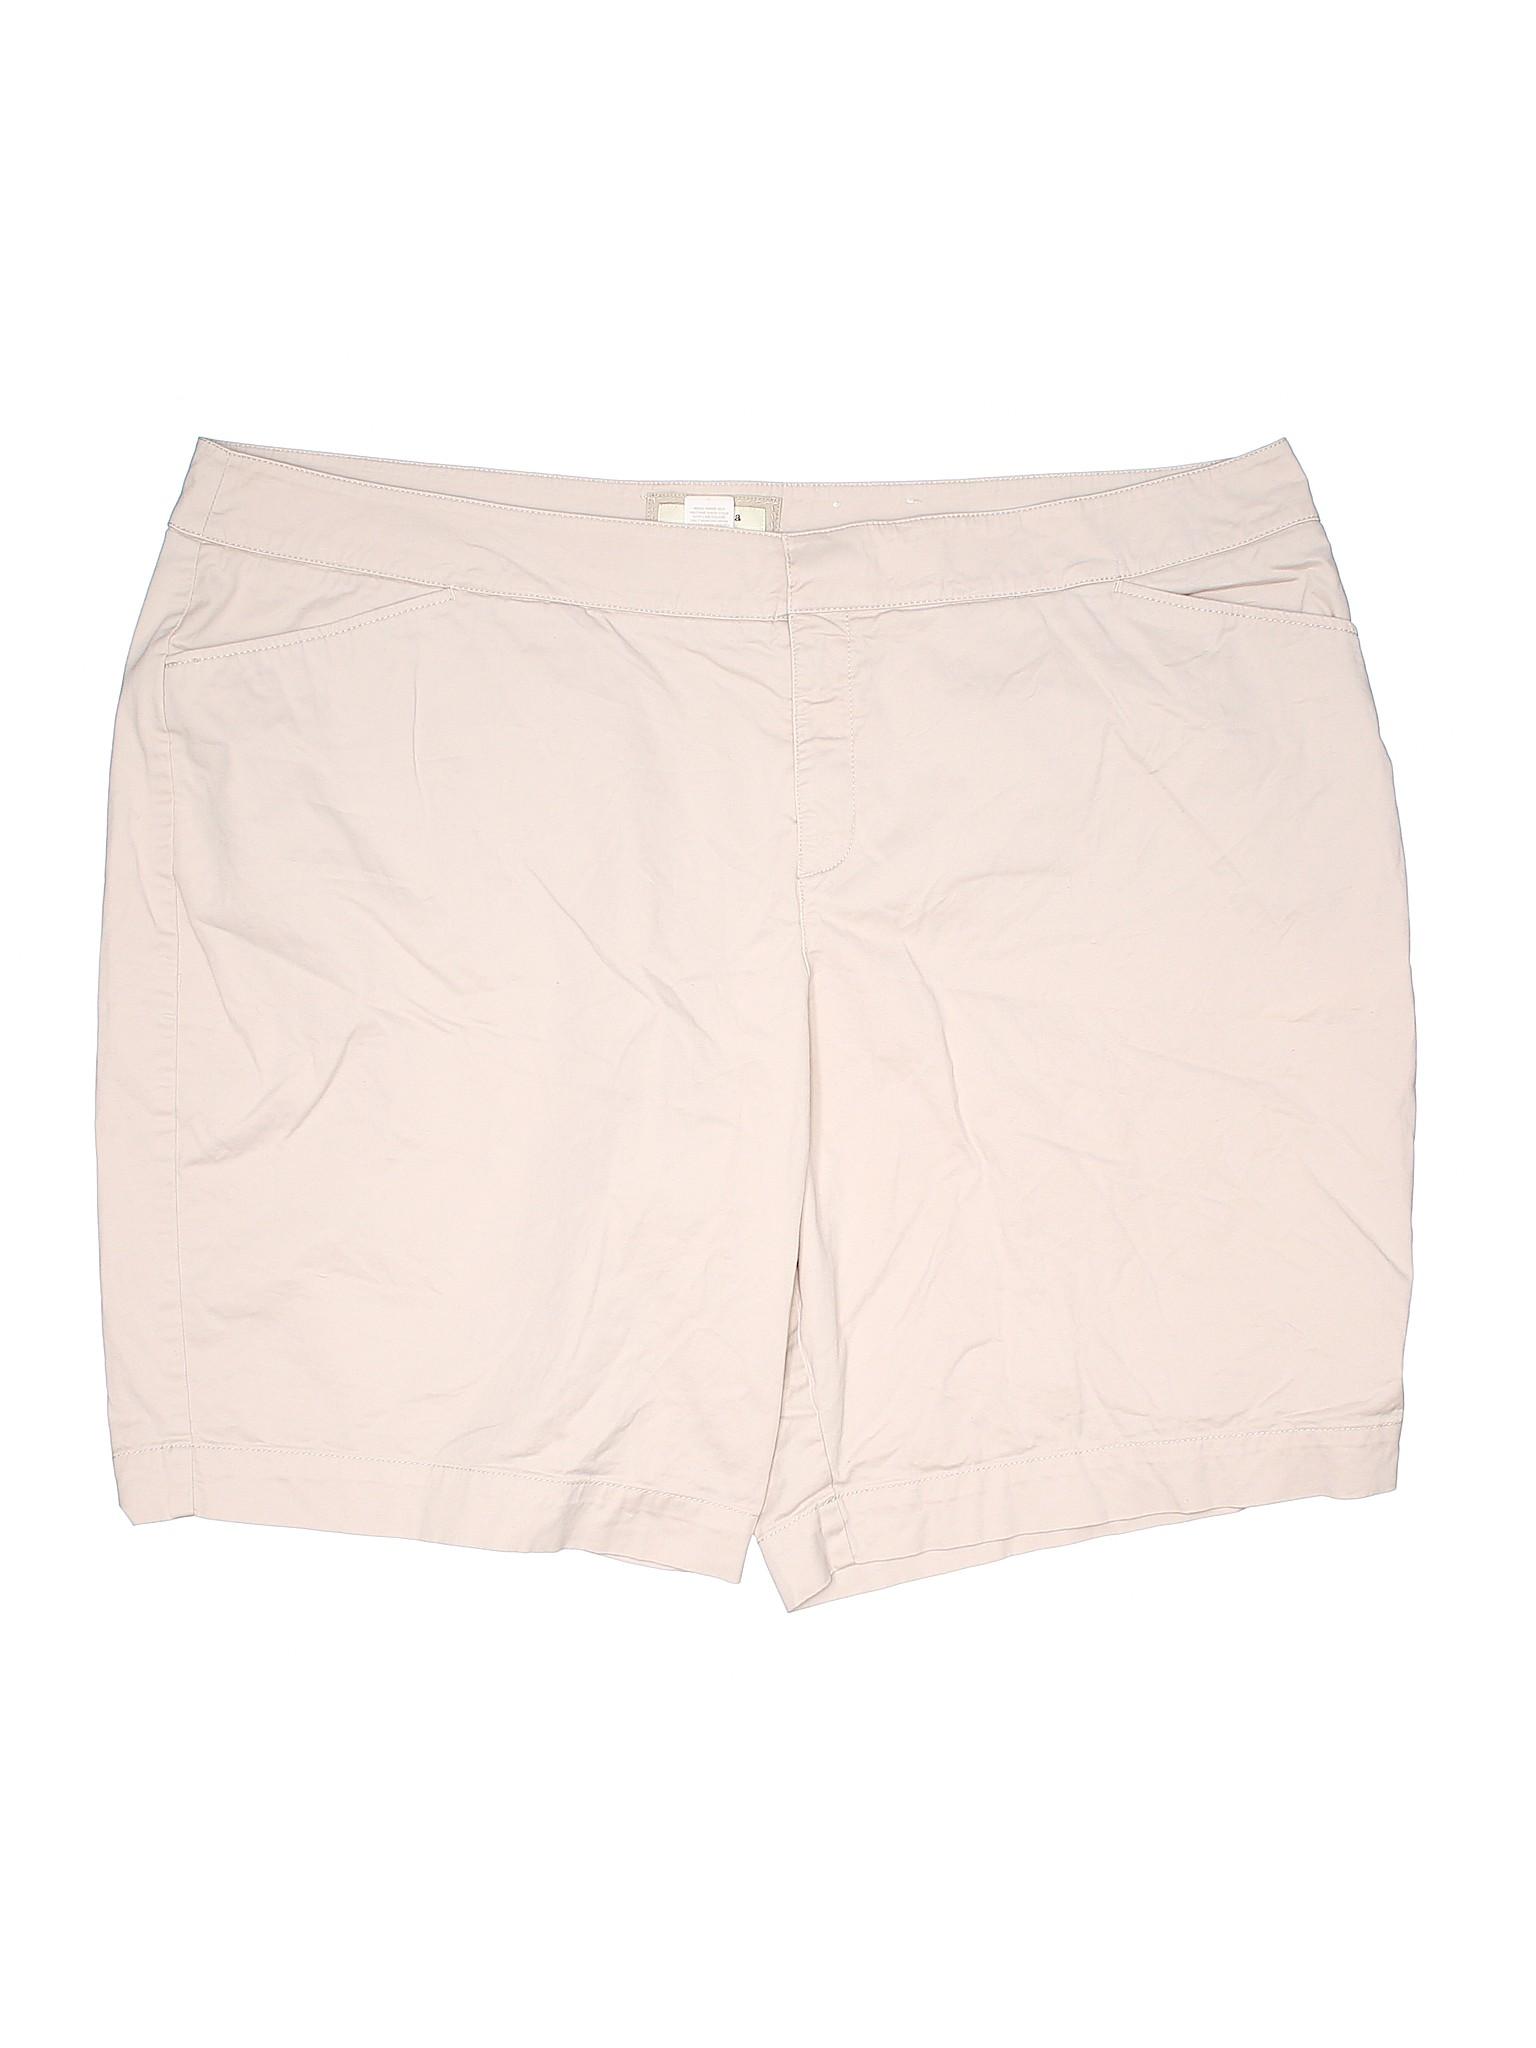 Shorts life Boutique Khaki SONOMA style qvIwI1